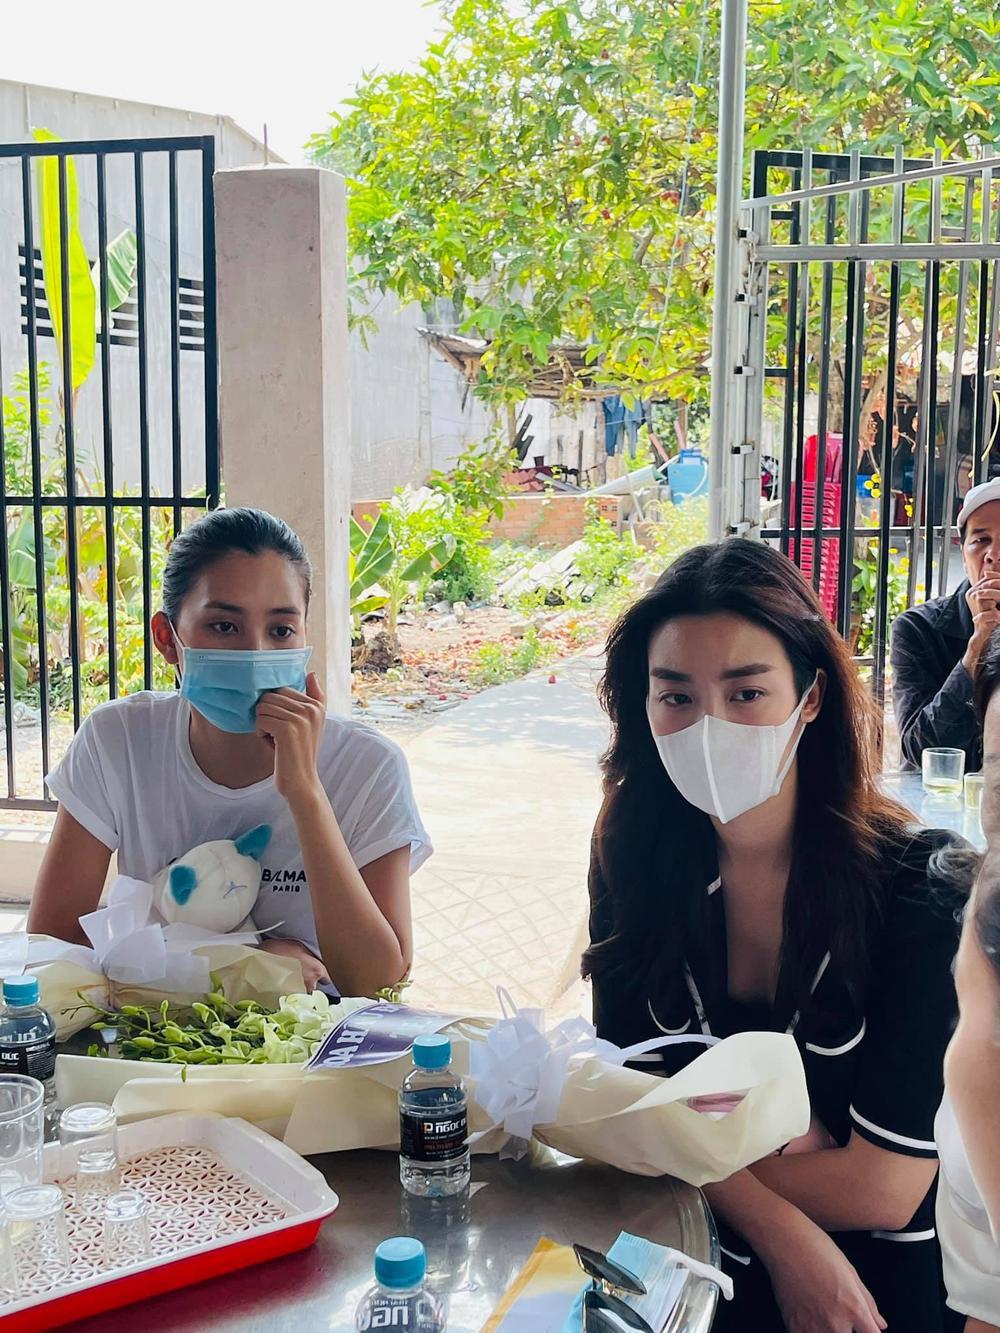 Nhóm Hoa hậu Việt xuống tận nhà viếng tang lễ cháu bé 5 tuổi bị sát hại ở Bà Rịa Ảnh 8